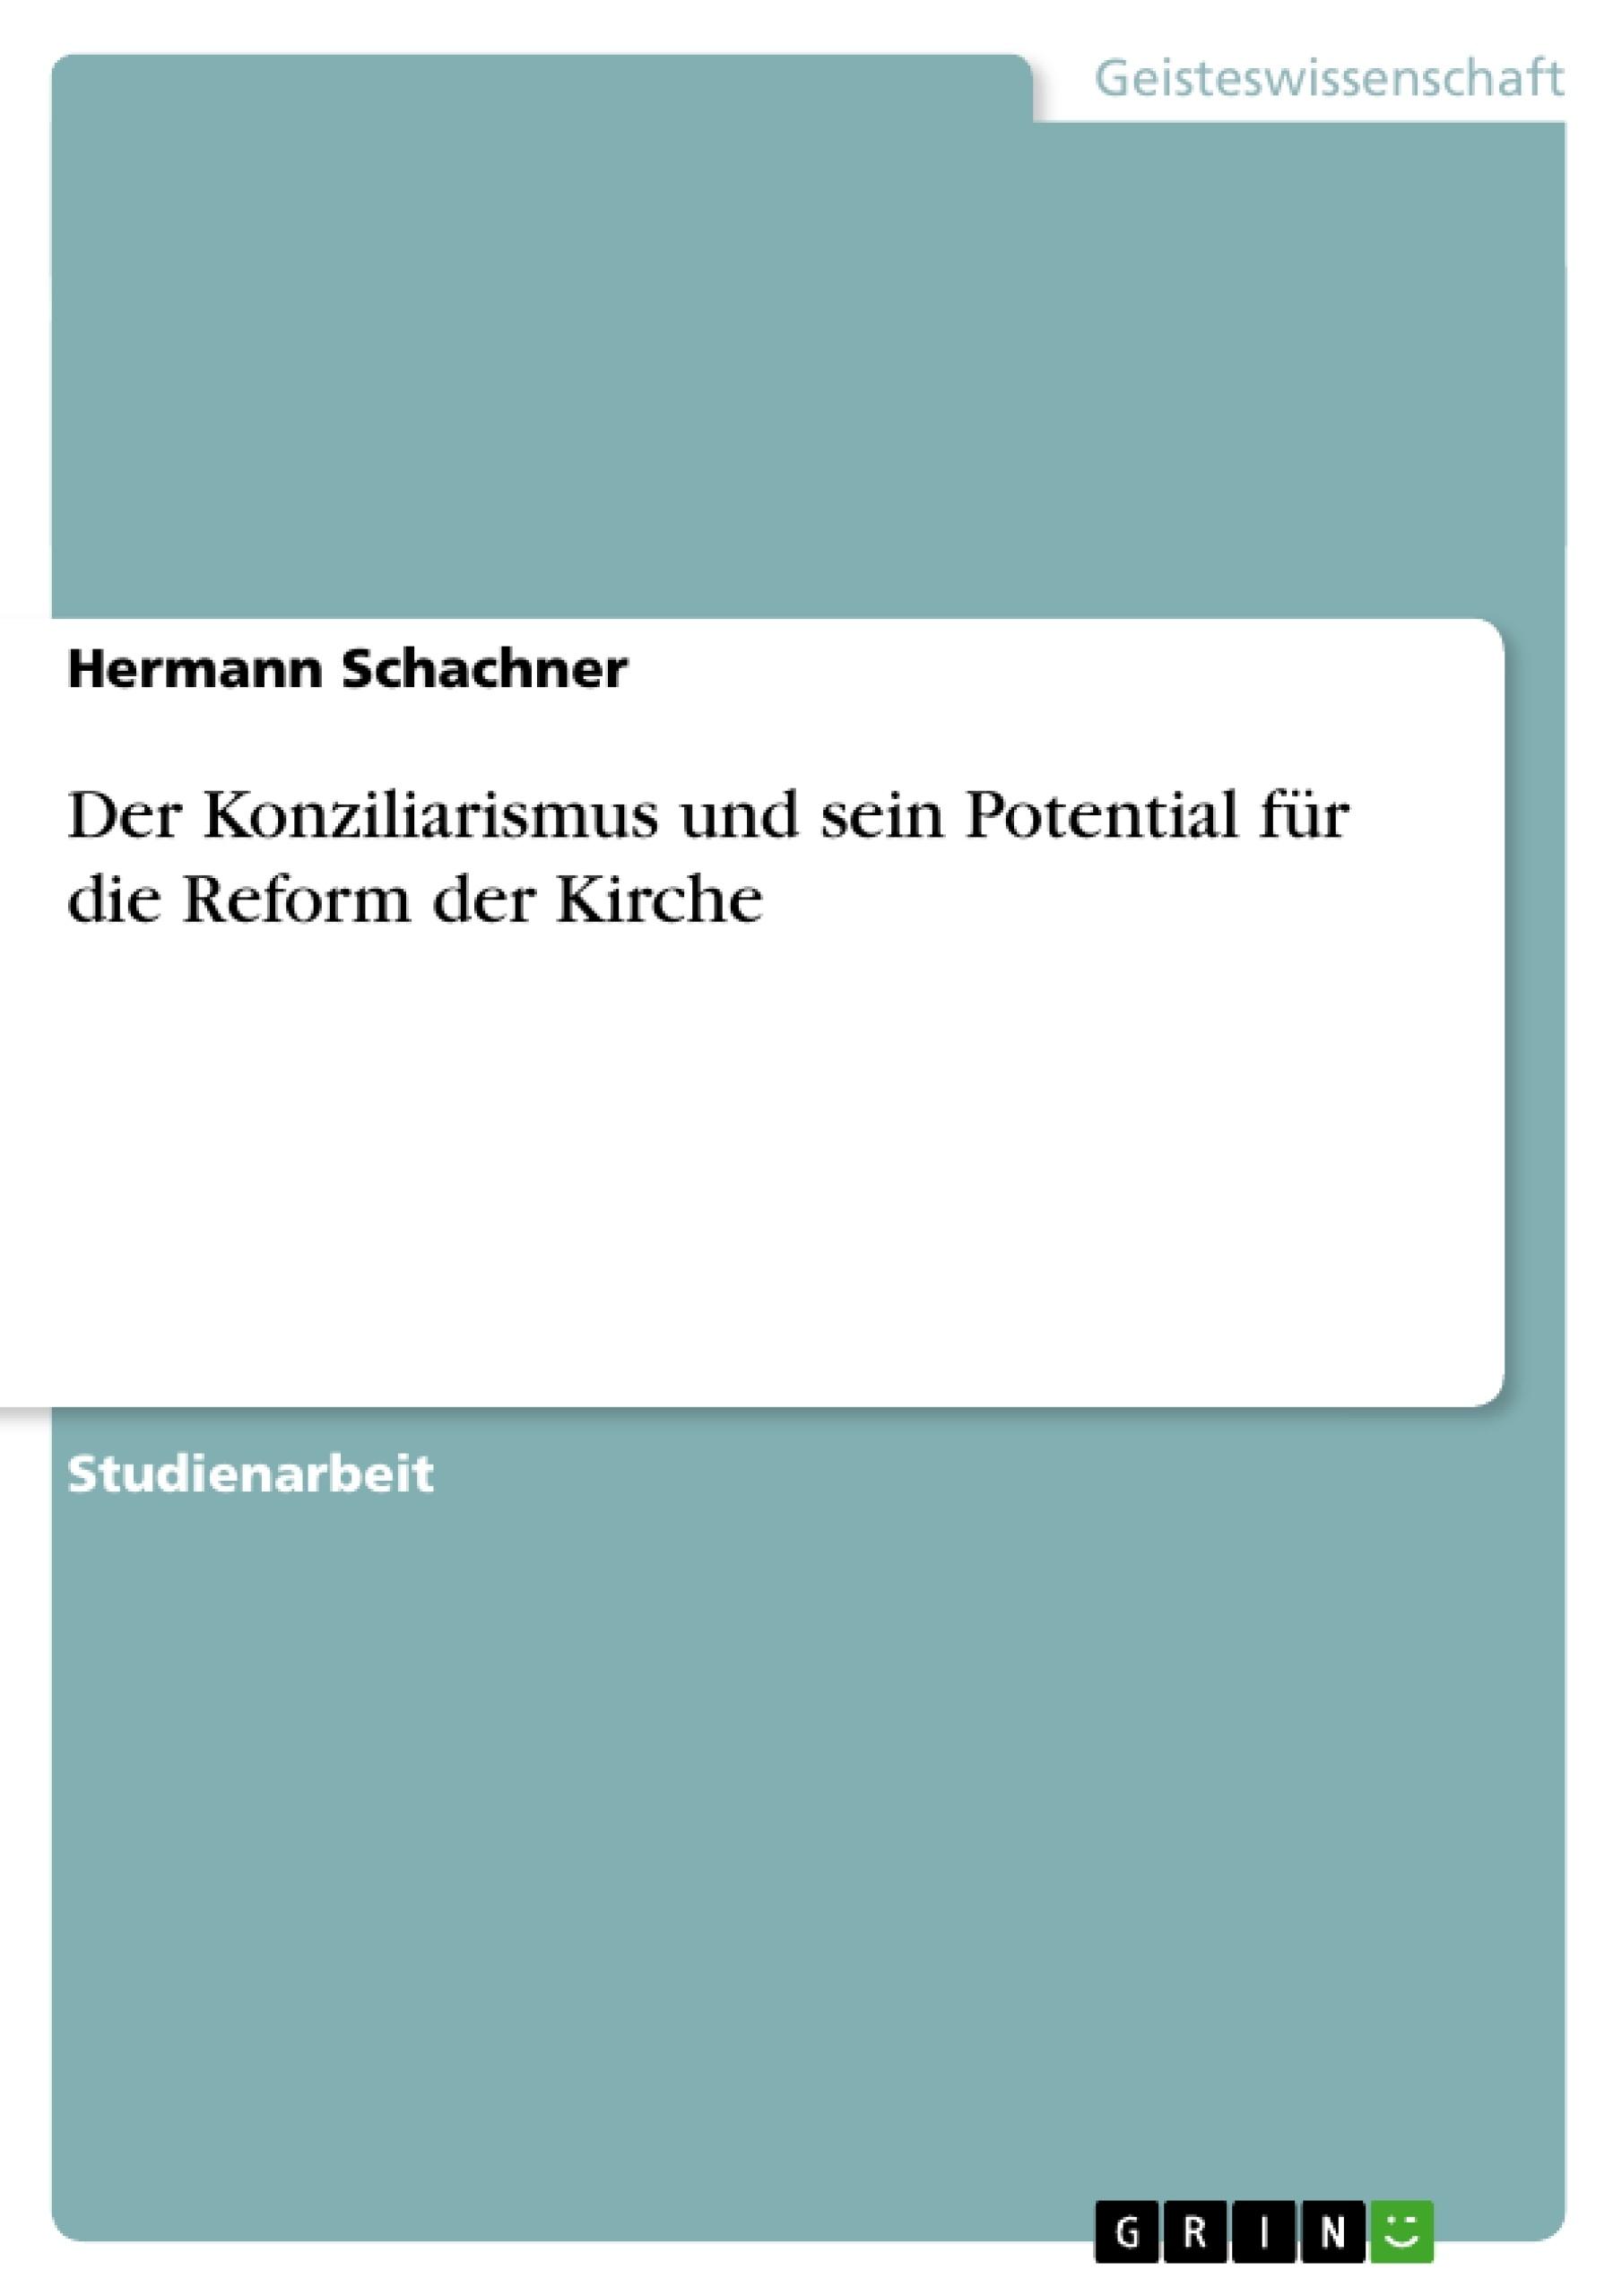 Titel: Der Konziliarismus und sein Potential für die Reform der Kirche